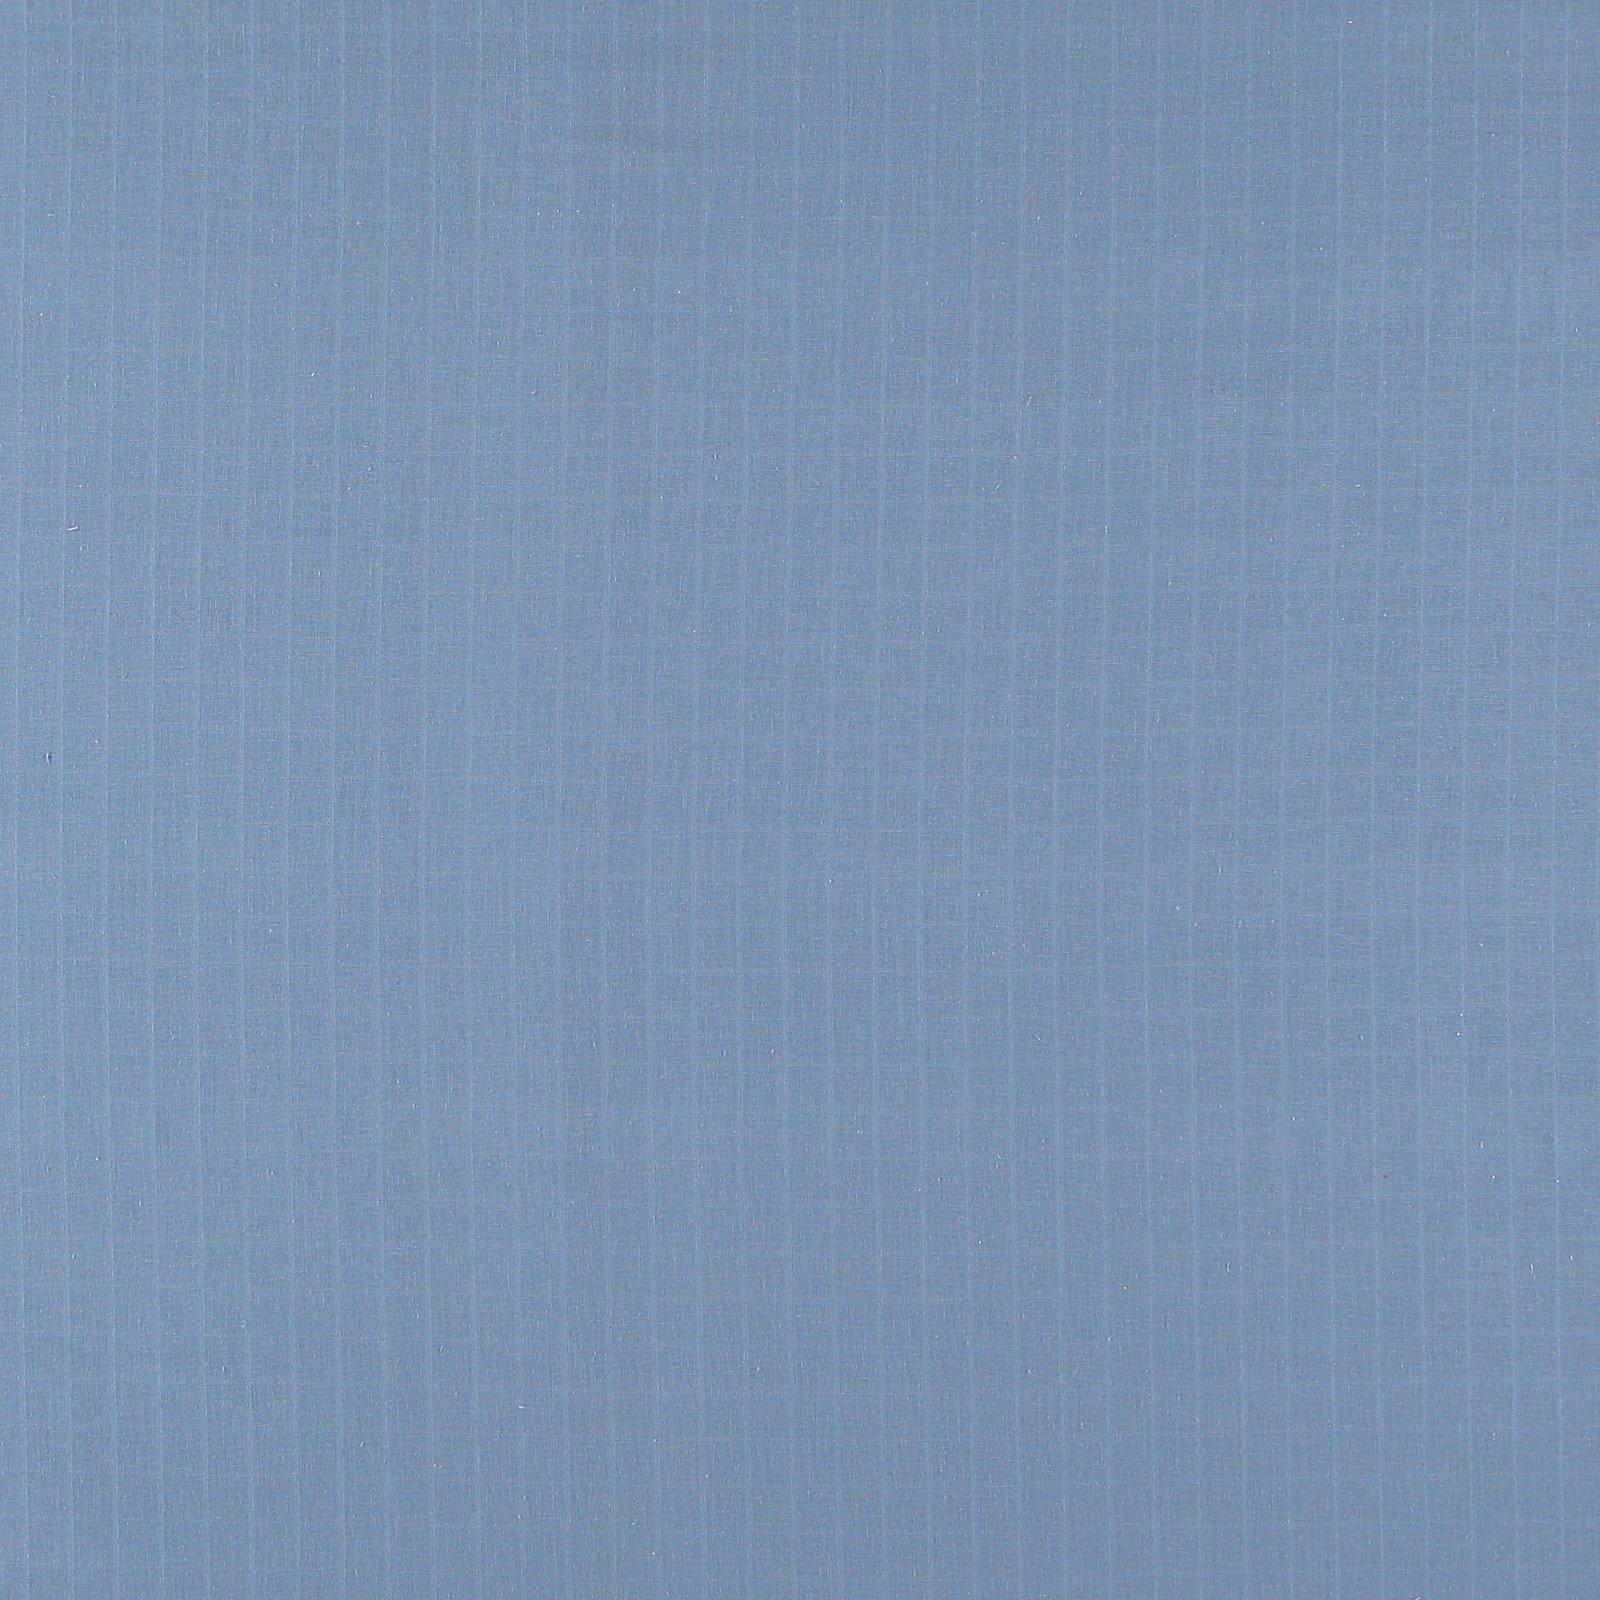 Muslin light cobolt blue 501824_pack_sp